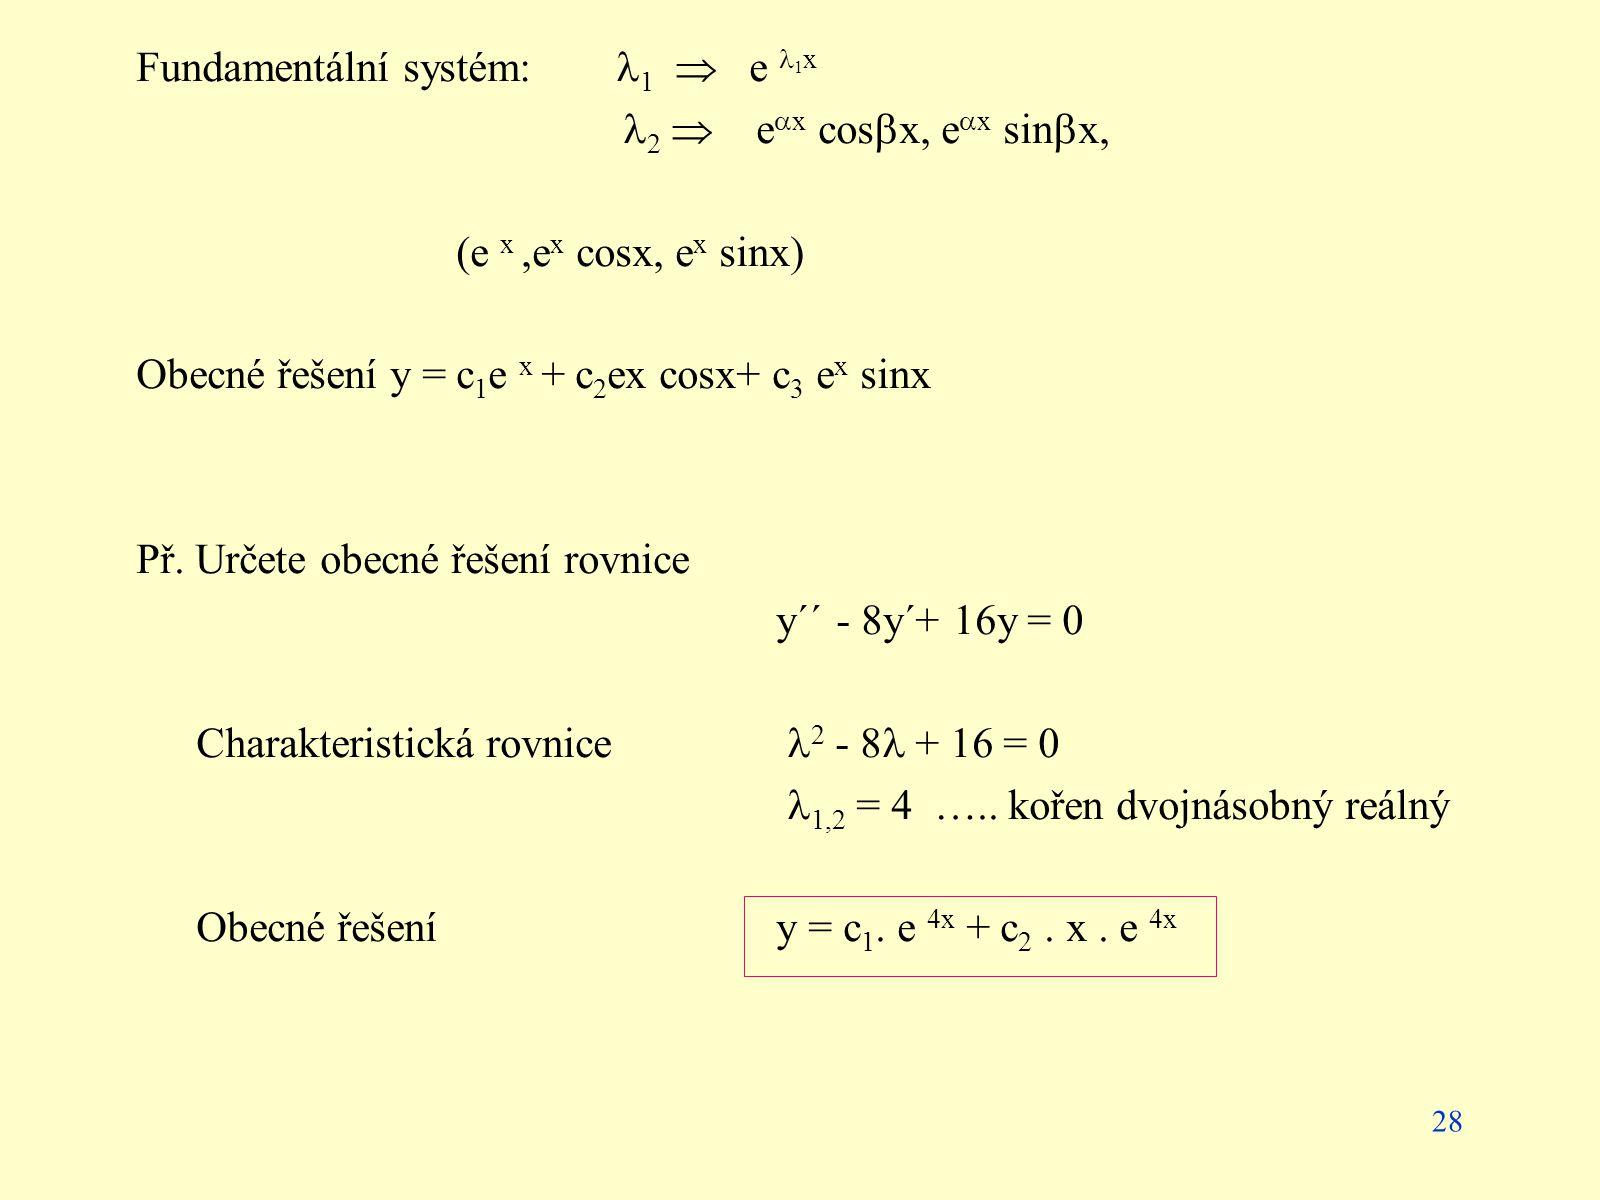 28 Fundamentální systém: 1  e 1 x 2  e  x cos  x, e  x sin  x, (e x,e x cosx, e x sinx) Obecné řešení y = c 1 e x + c 2 ex cosx+ c 3 e x sinx Př